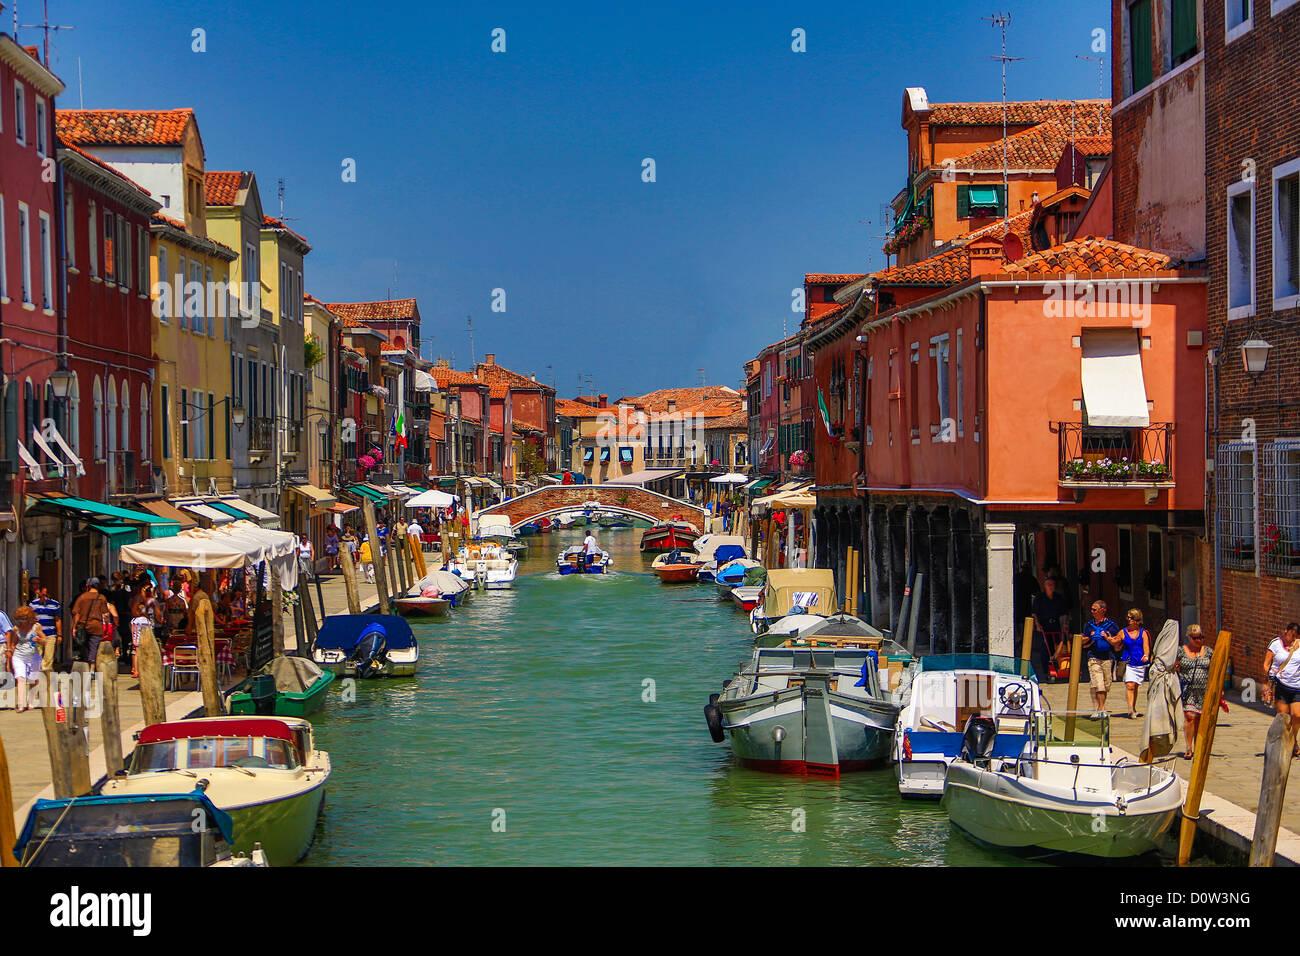 Italy, Europe, travel, Murano, Fondamenta dei Vetrai, Canal, boats, Venice - Stock Image